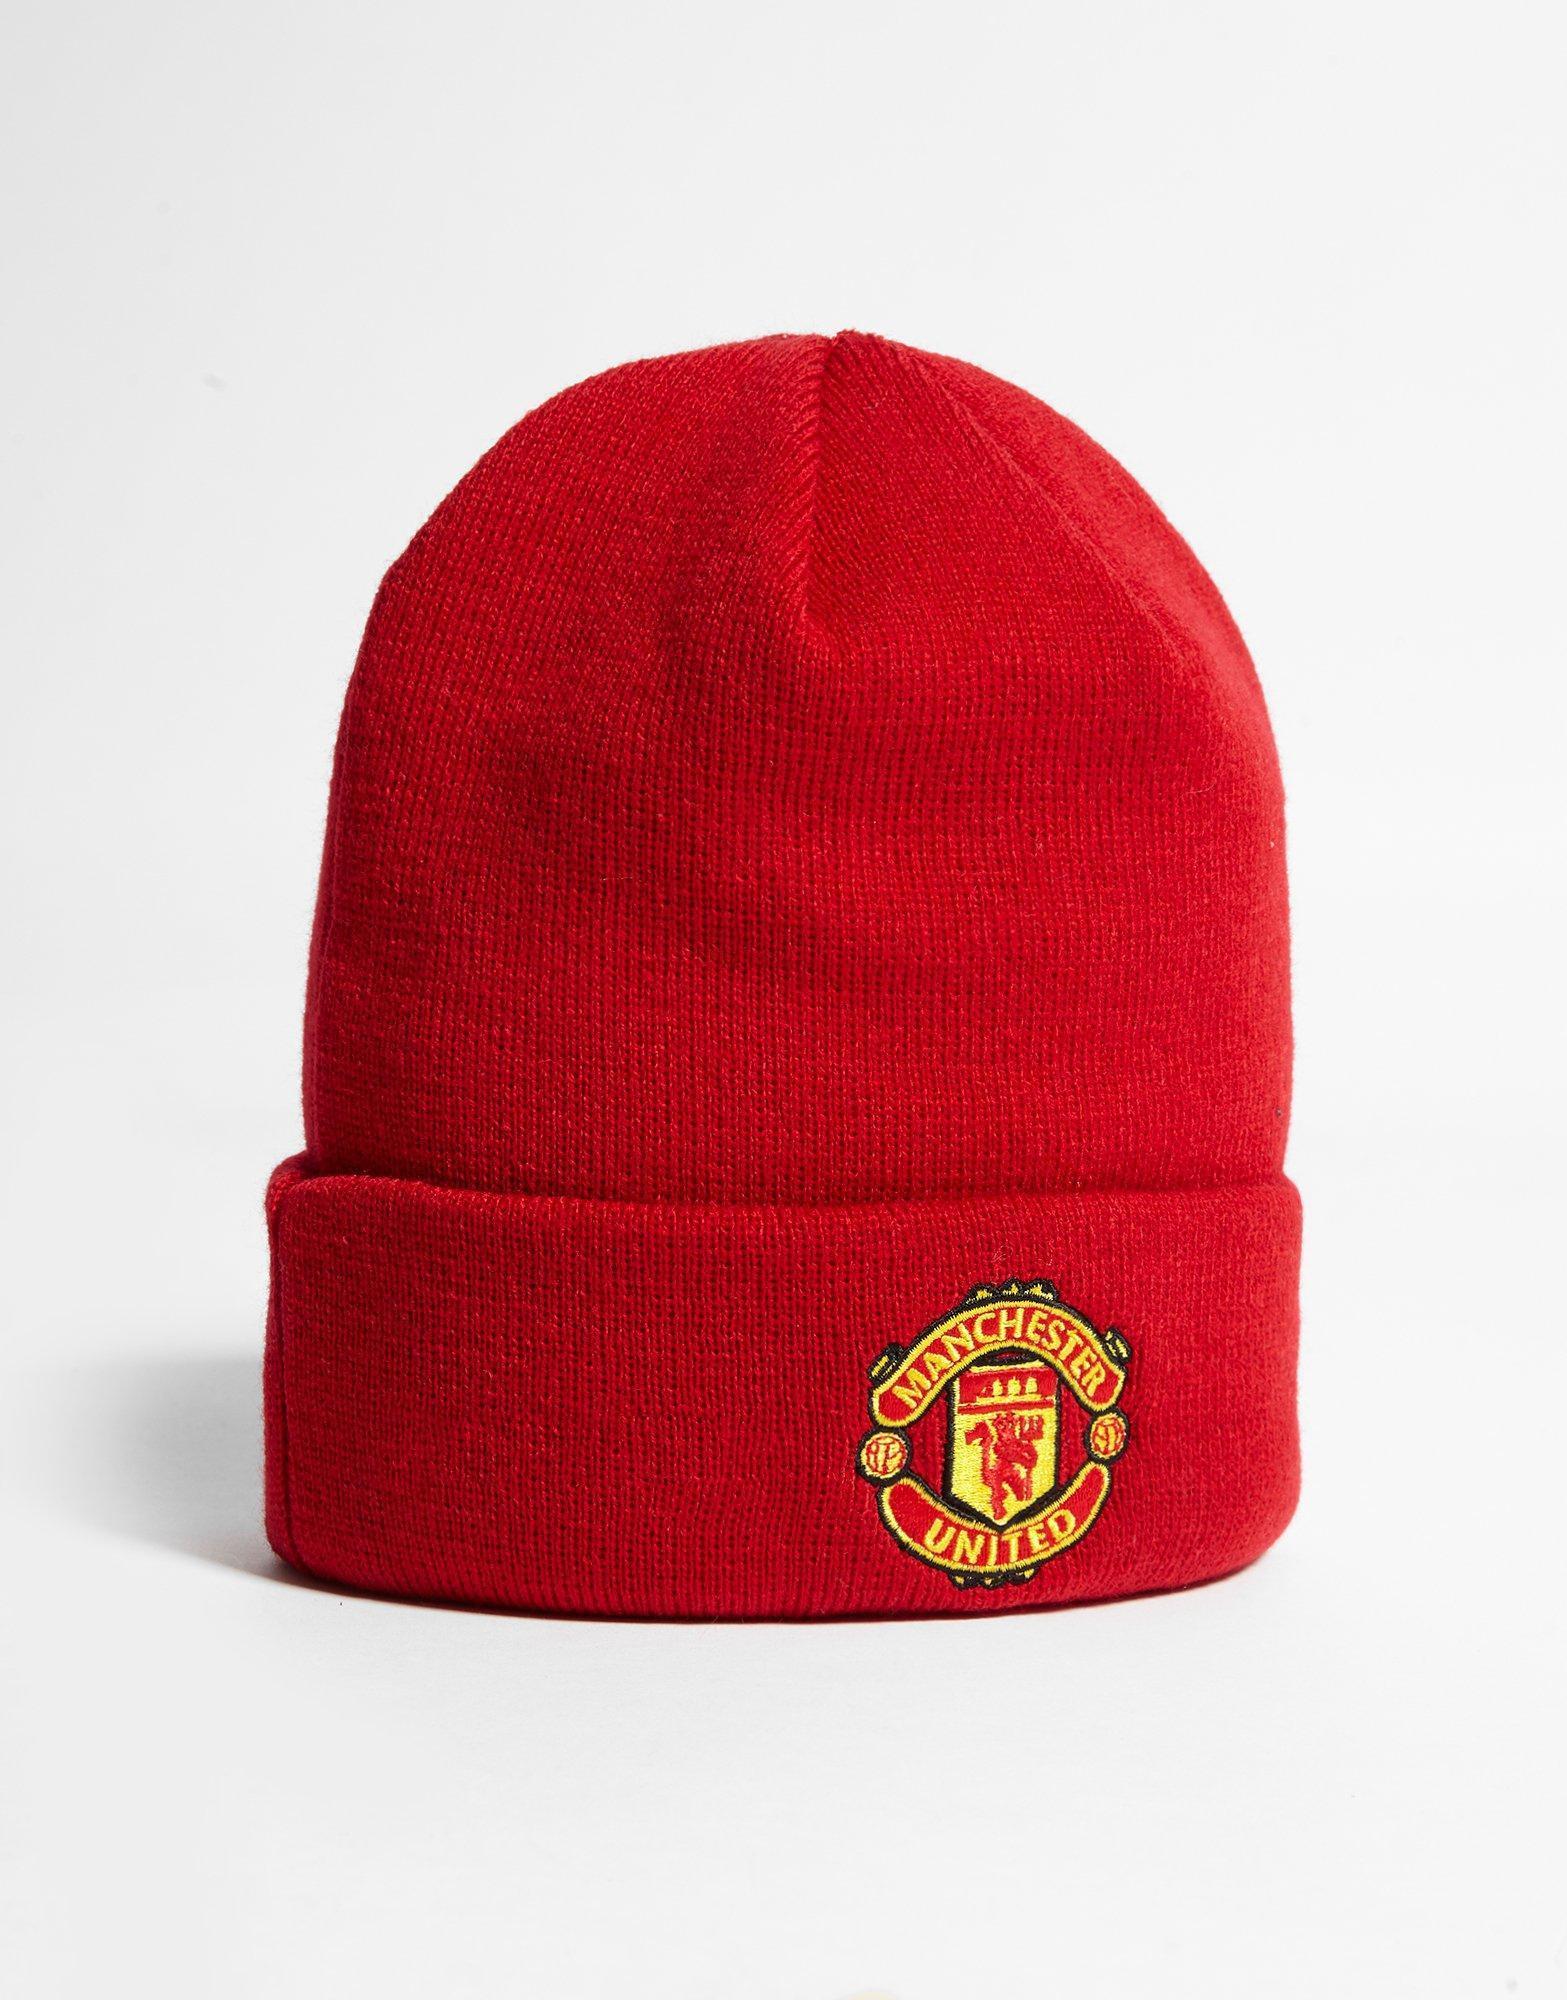 Ktz Manchester United Fc Basic Cuff Beanie Hat in Red - Lyst 6214a1339dd